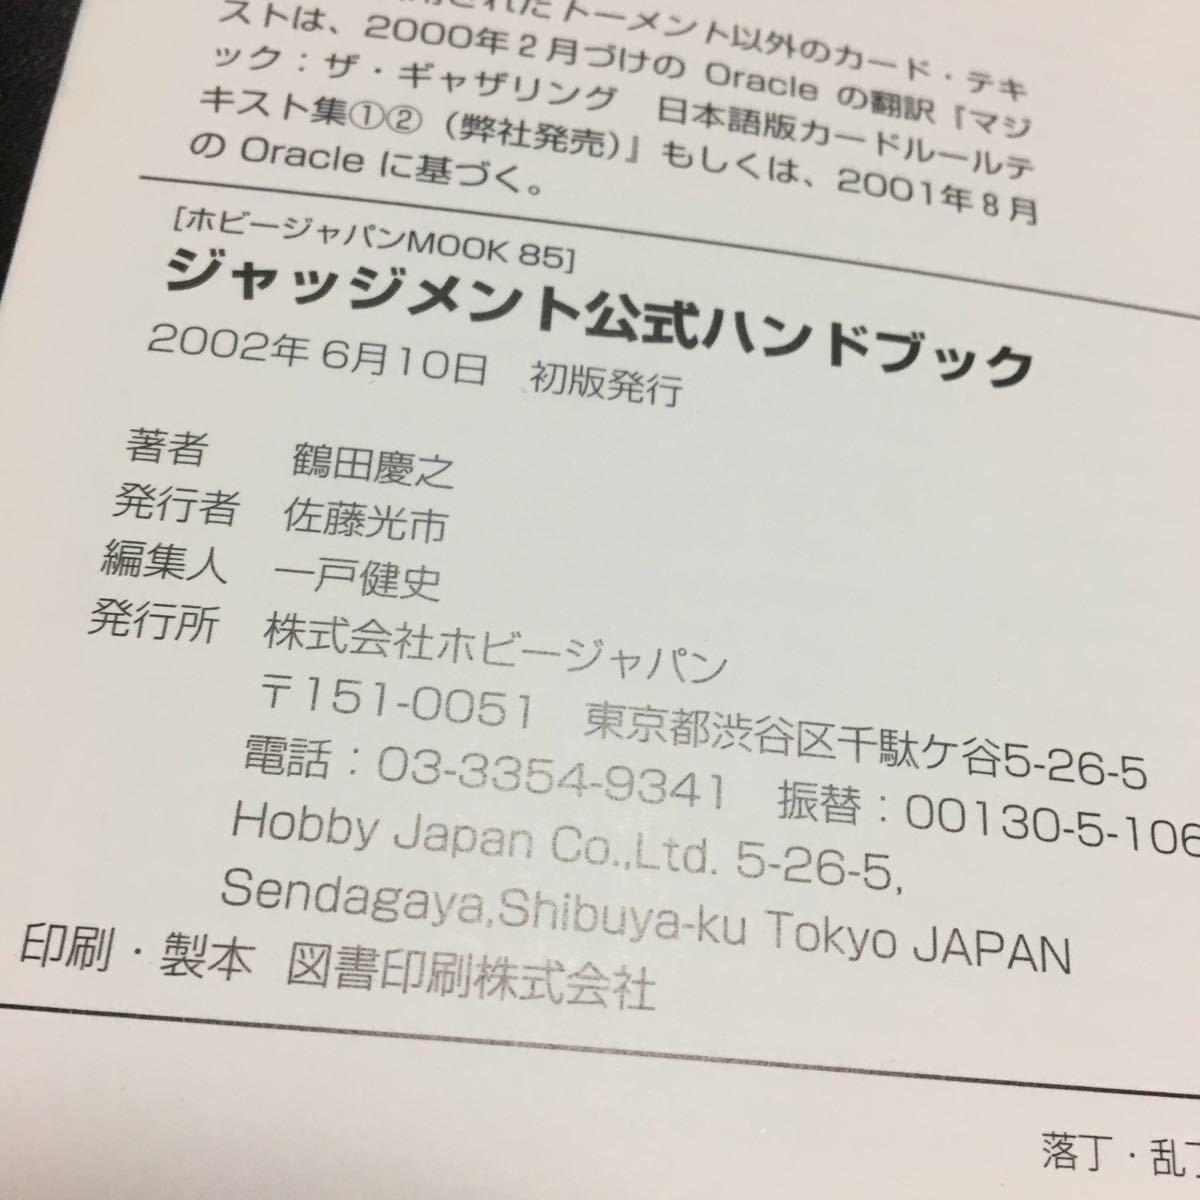 【JUDGEMENT 公式ハンドブック】MAGIC ジャッジメント オフィシャル ガイド 2002年 鶴田慶之 カードゲーム ホビー 【19/11 A-1】_画像6